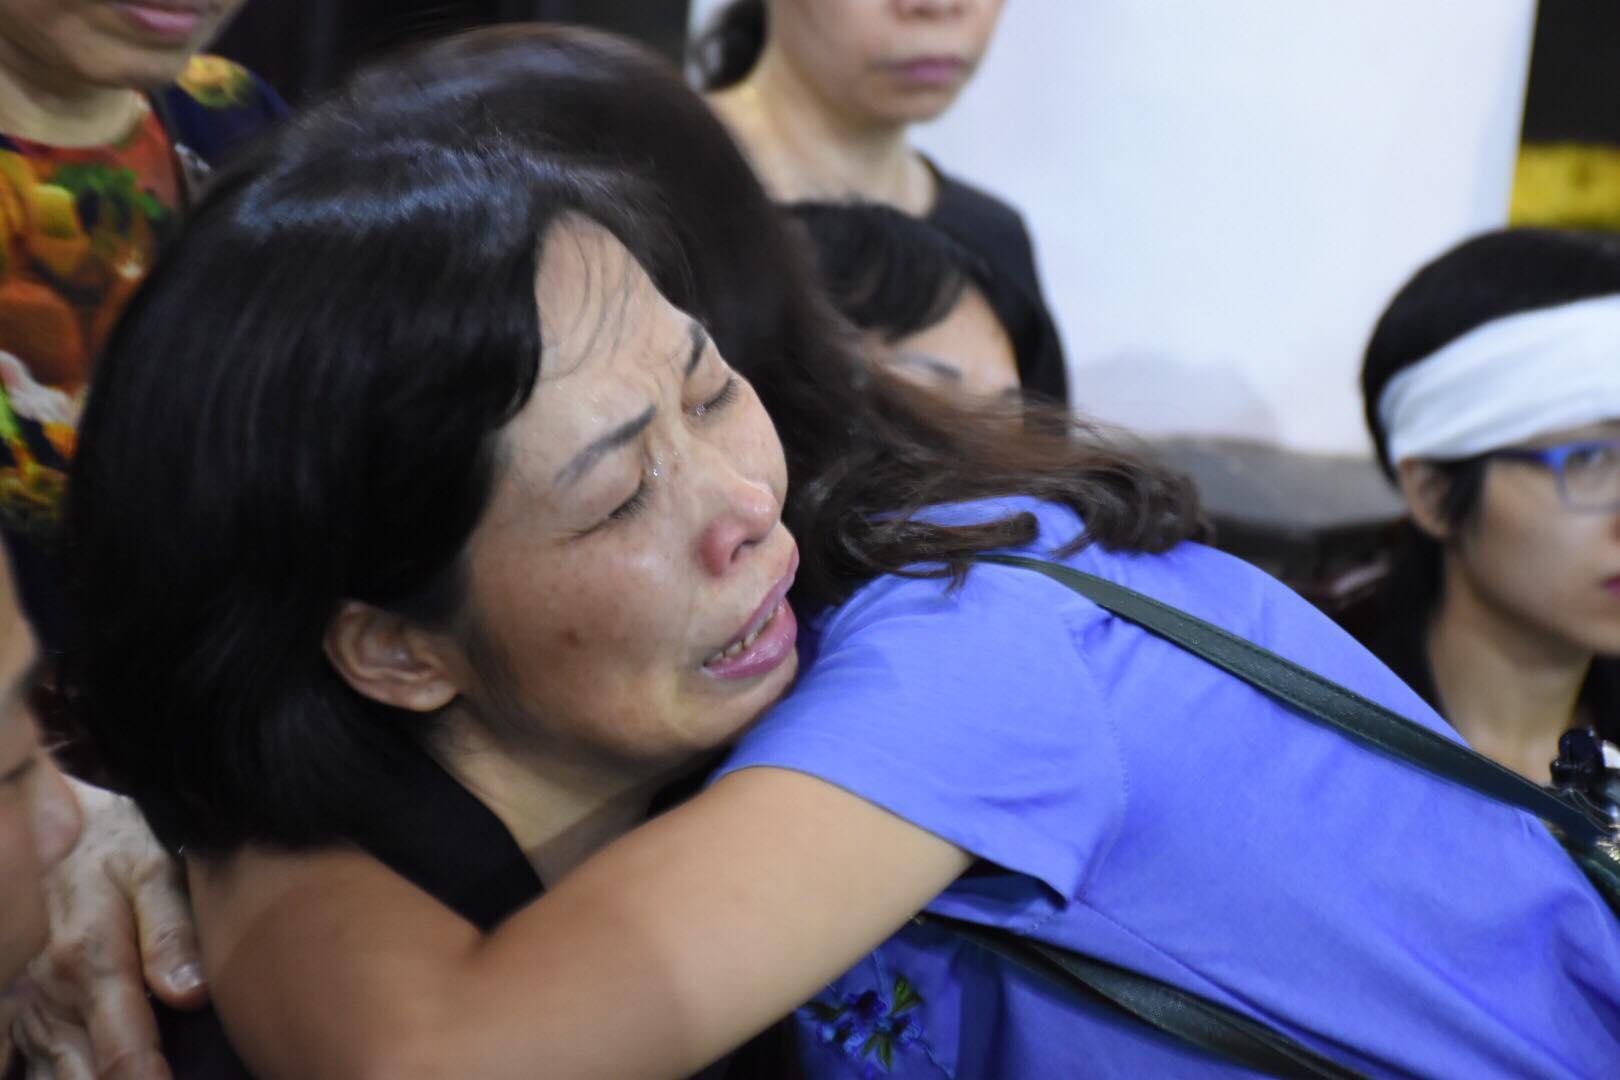 Xúc động hình ảnh 2 bà mẹ có chung nỗi đau mất con ôm nhau khóc nấc trong đám tang